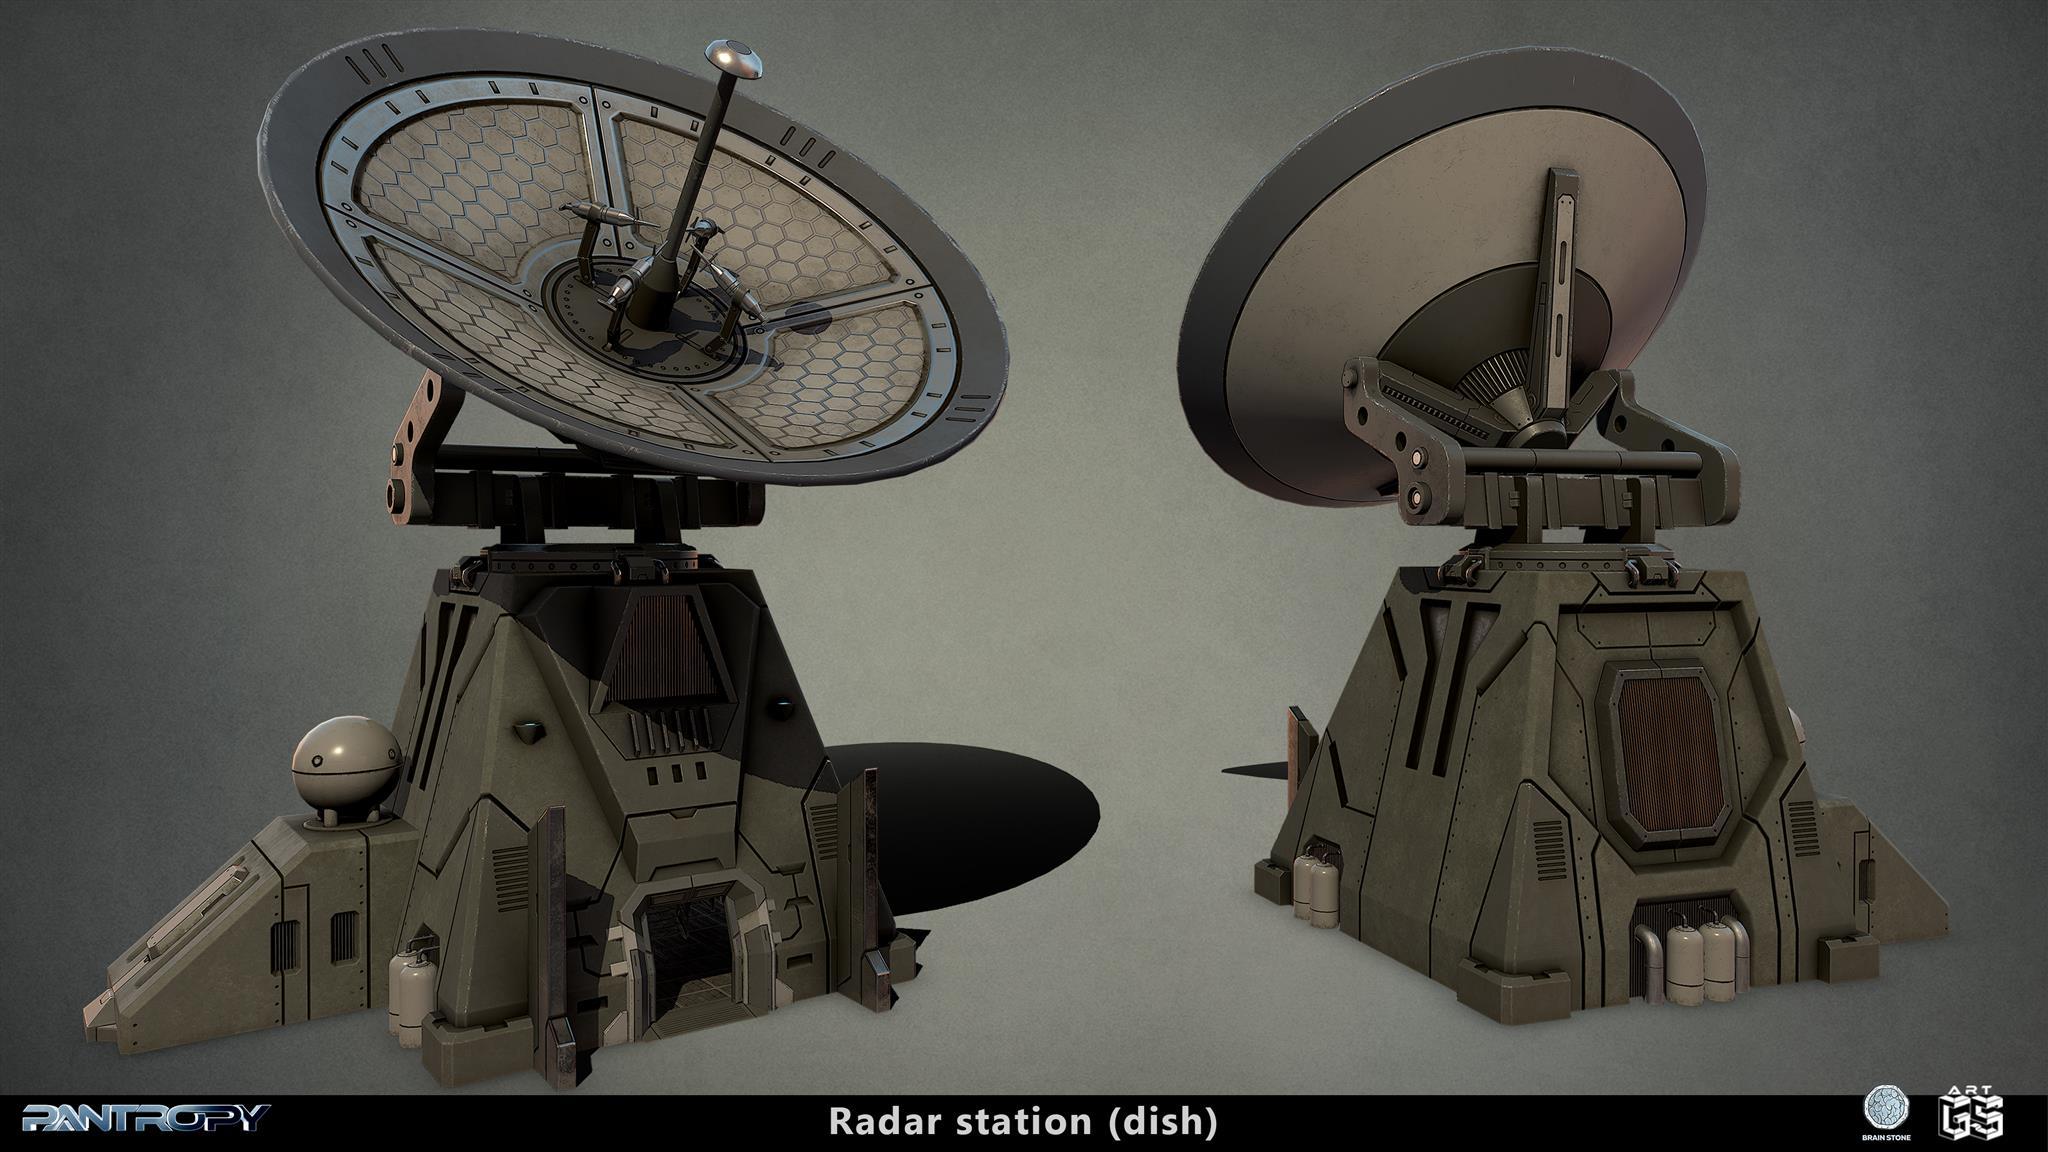 Radar station dish